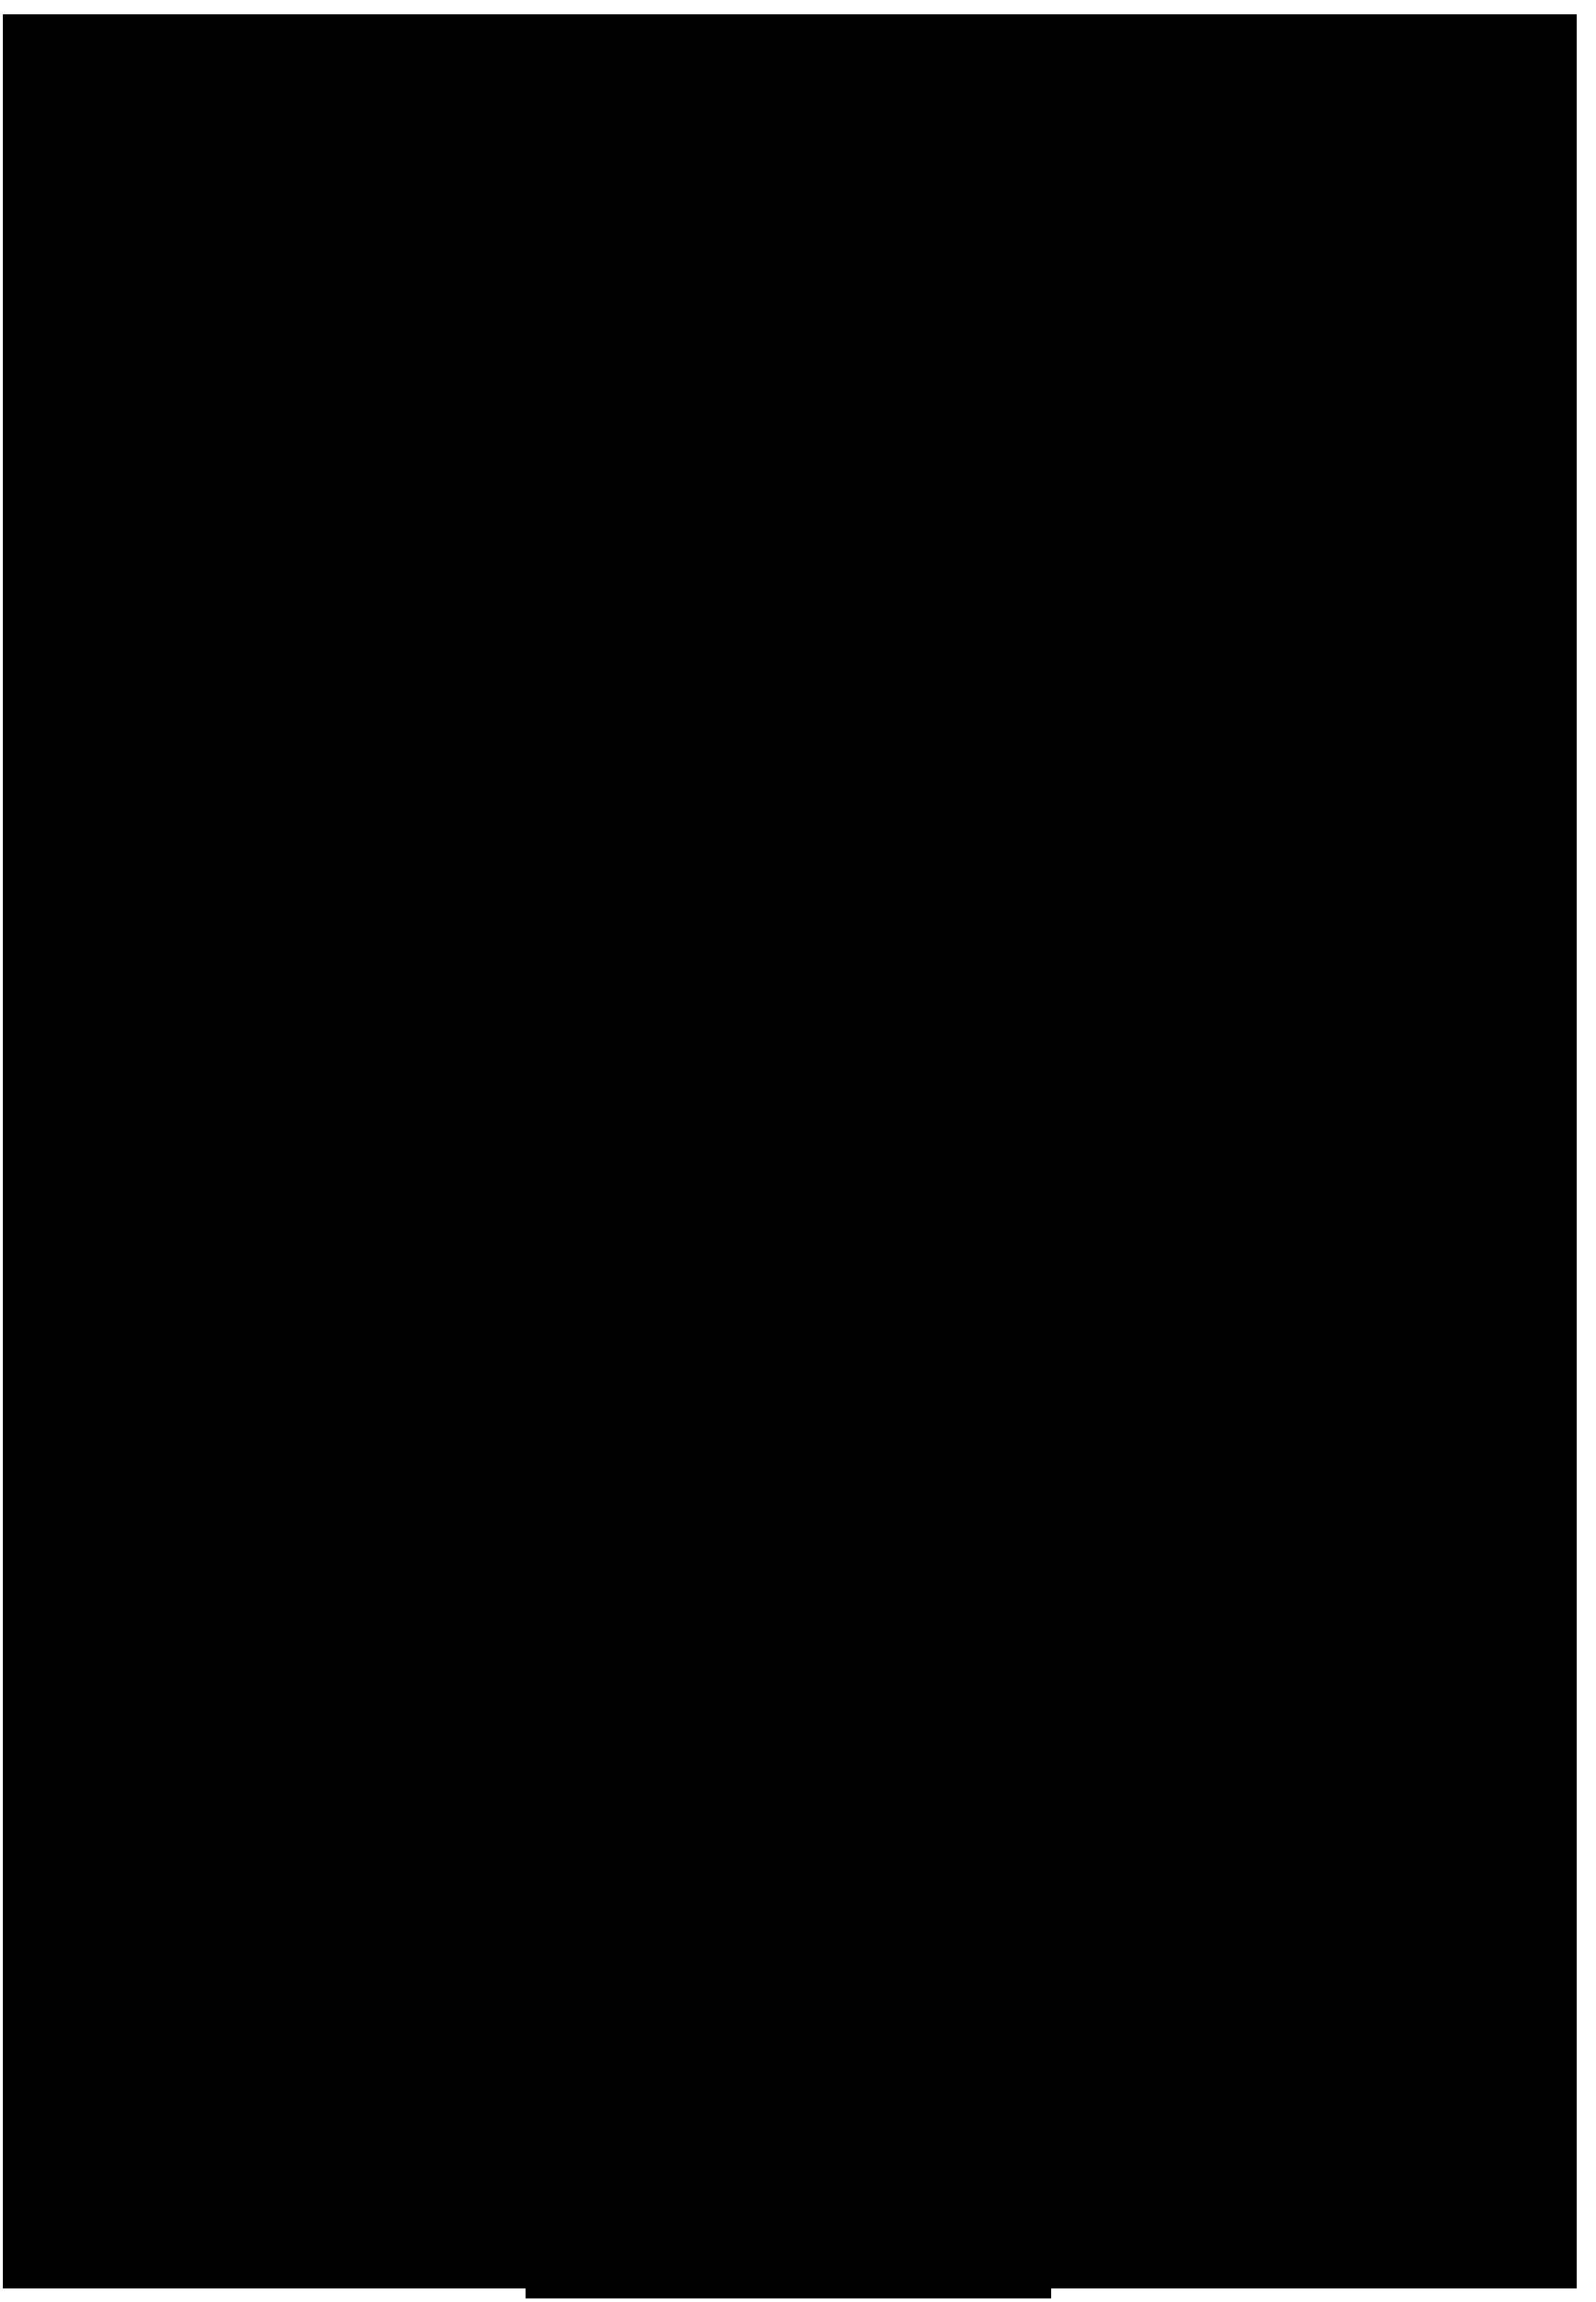 hymnus-1